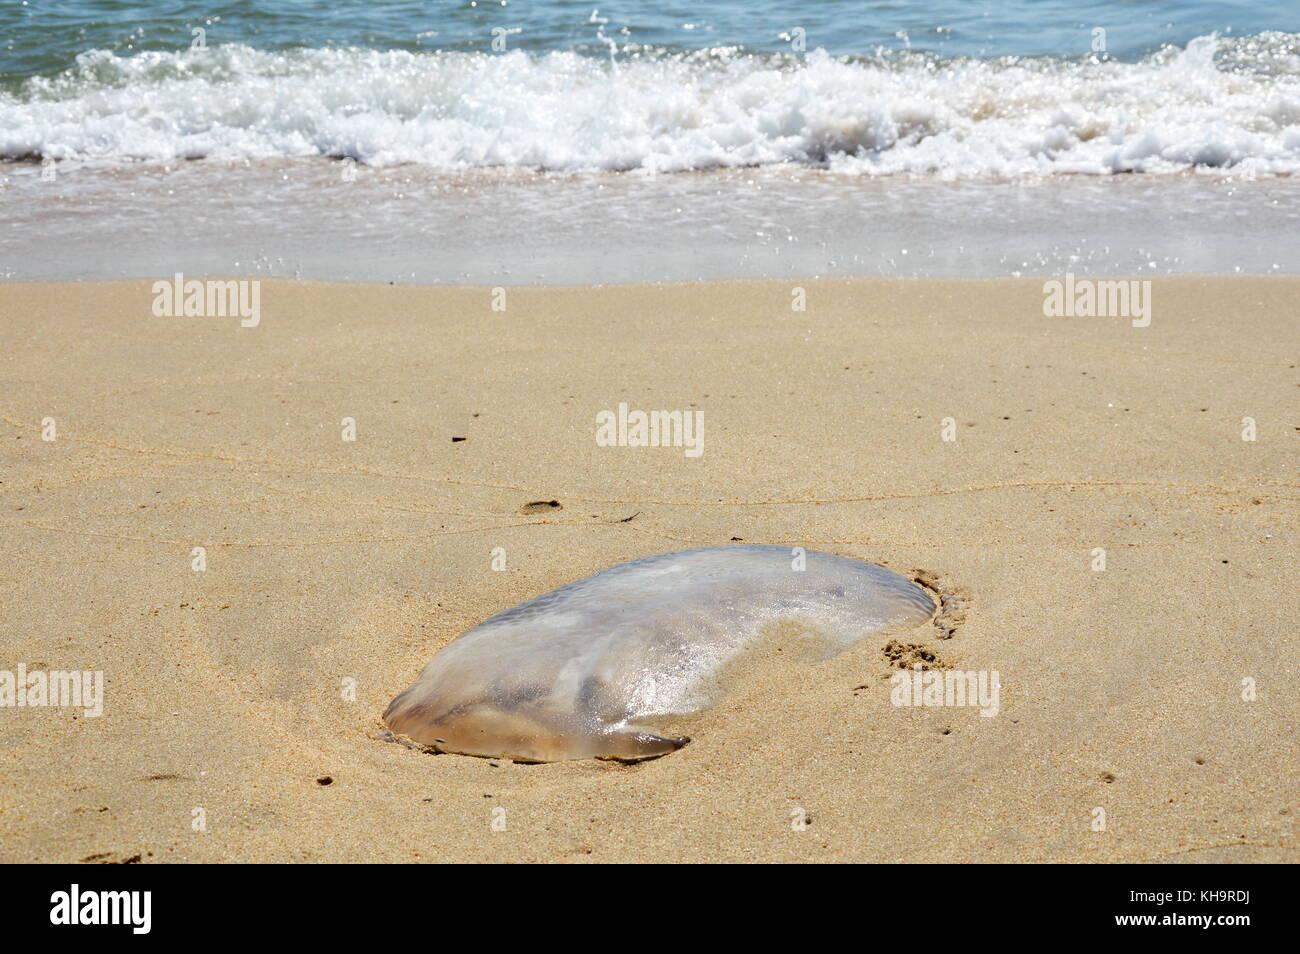 Filamento di meduse sulla spiaggia Immagini Stock